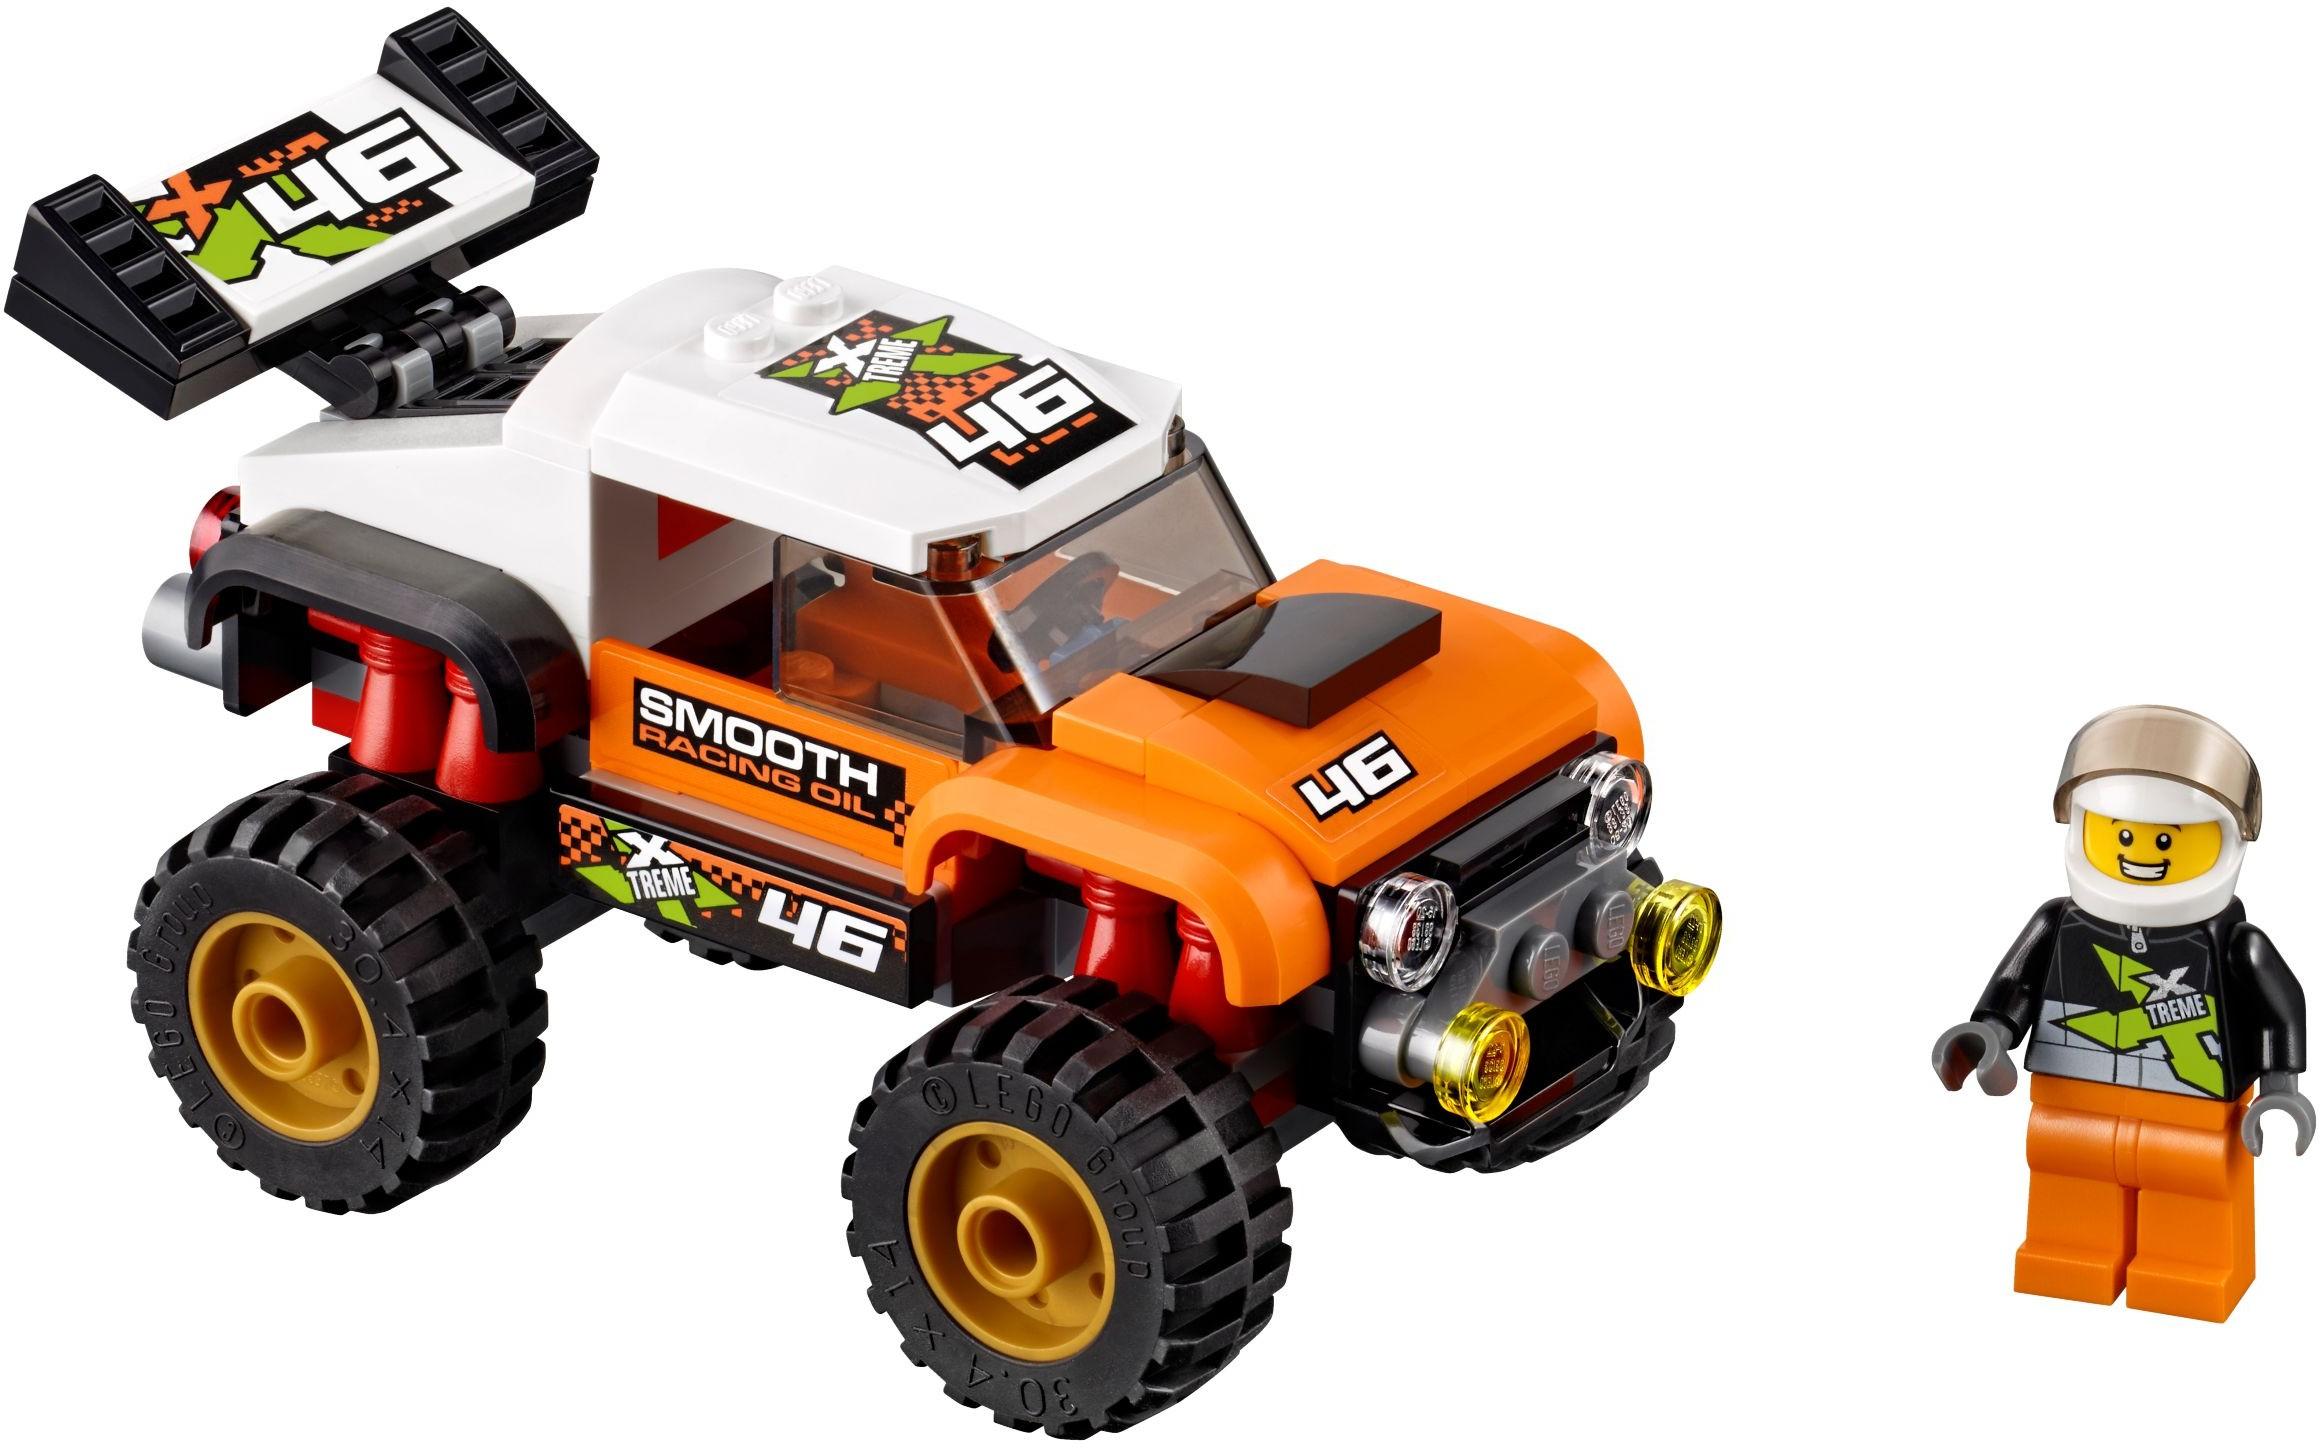 Mua đồ chơi LEGO 60146 - LEGO City 60146 - Xe Tải Địa Hình Biểu diễn (LEGO City Stunt Truck 60146)